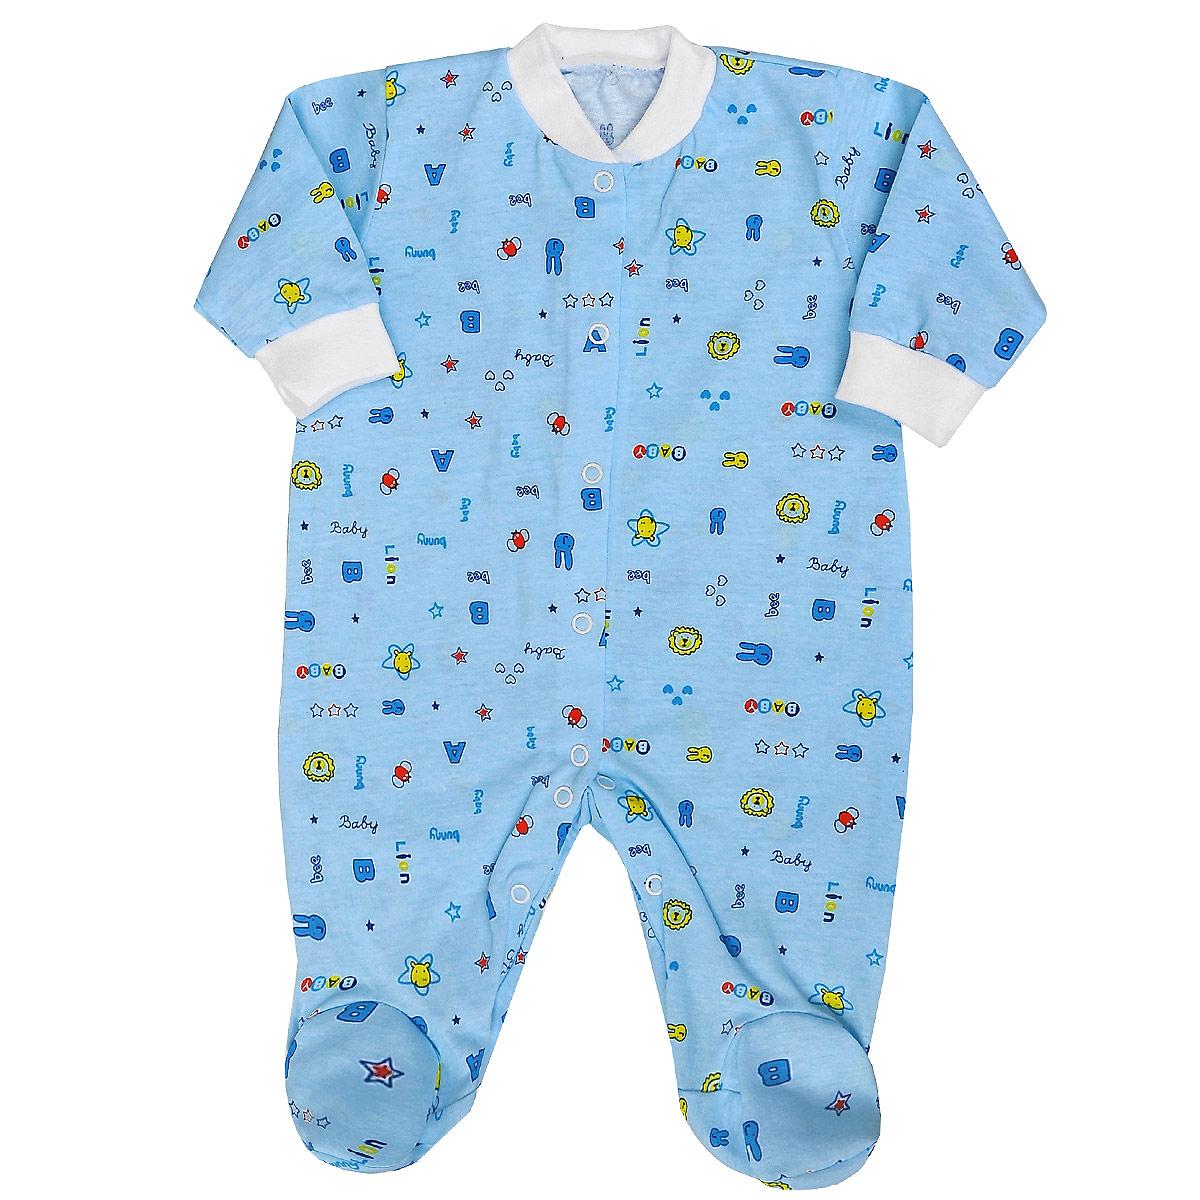 Комбинезон детский Фреш стайл, цвет: голубой. 10-526. Размер 74, 9 месяцев10-526Комбинезон Фреш Стайл станет идеальным дополнением к гардеробу вашего ребенка. Выполненный из натурального хлопка, он необычайно мягкий и приятный на ощупь, не раздражают нежную кожу ребенка и хорошо вентилируется. Комбинезон с длинными рукавами, закрытыми ножками и воротником-стойкой застегивается спереди на кнопки по всей длине и на ластовице, что облегчает переодевание ребенка и смену подгузника. Низ рукавов и горловина дополнены эластичной резинкой.Оригинальное сочетание тканей и забавный рисунок делают этот предмет детской одежды оригинальным и стильным.